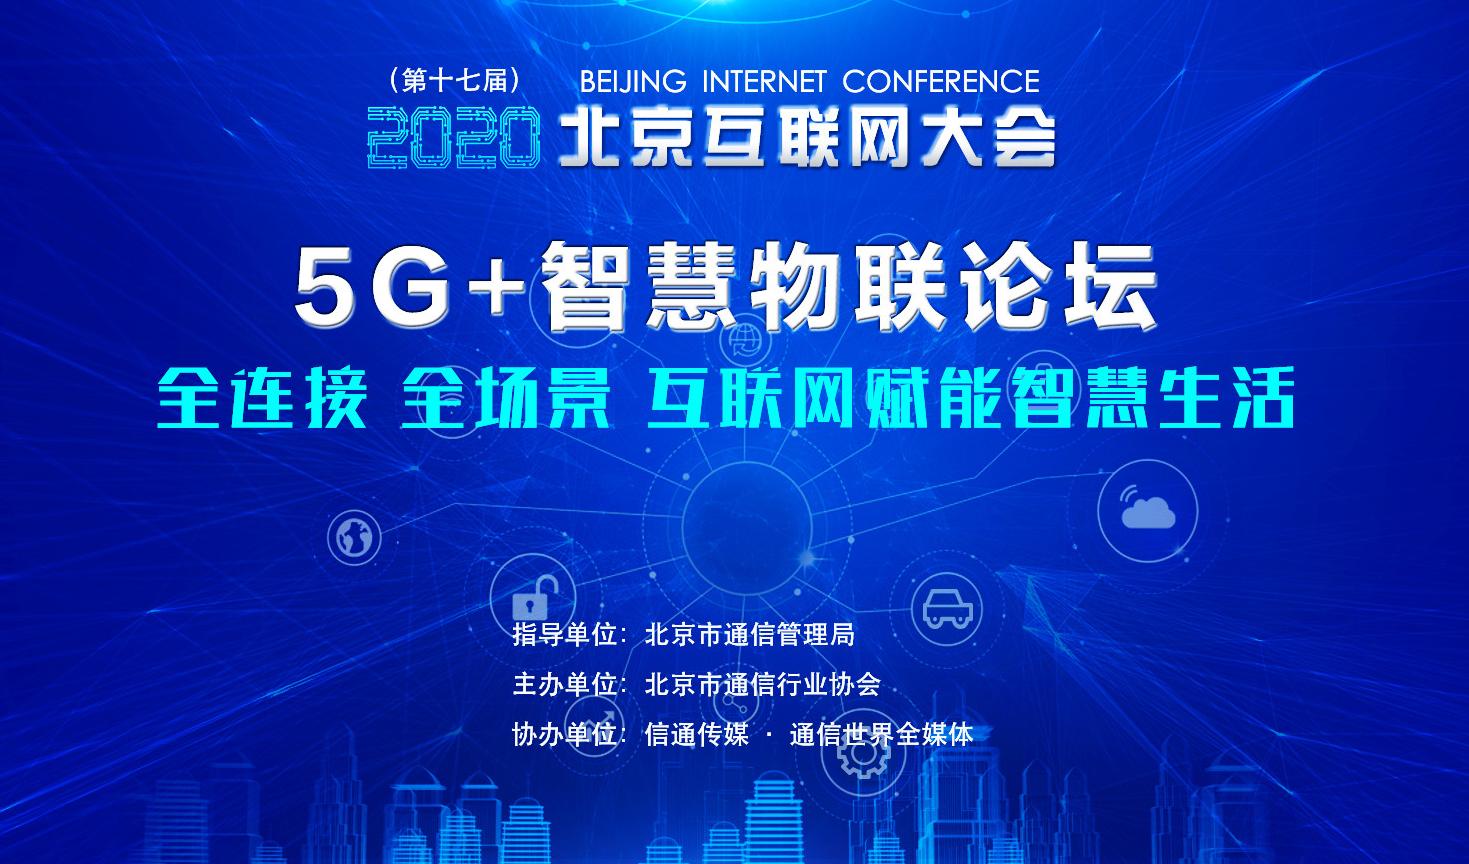 5G+智慧物联论坛:全连接 全场景  互联网赋能智慧生活